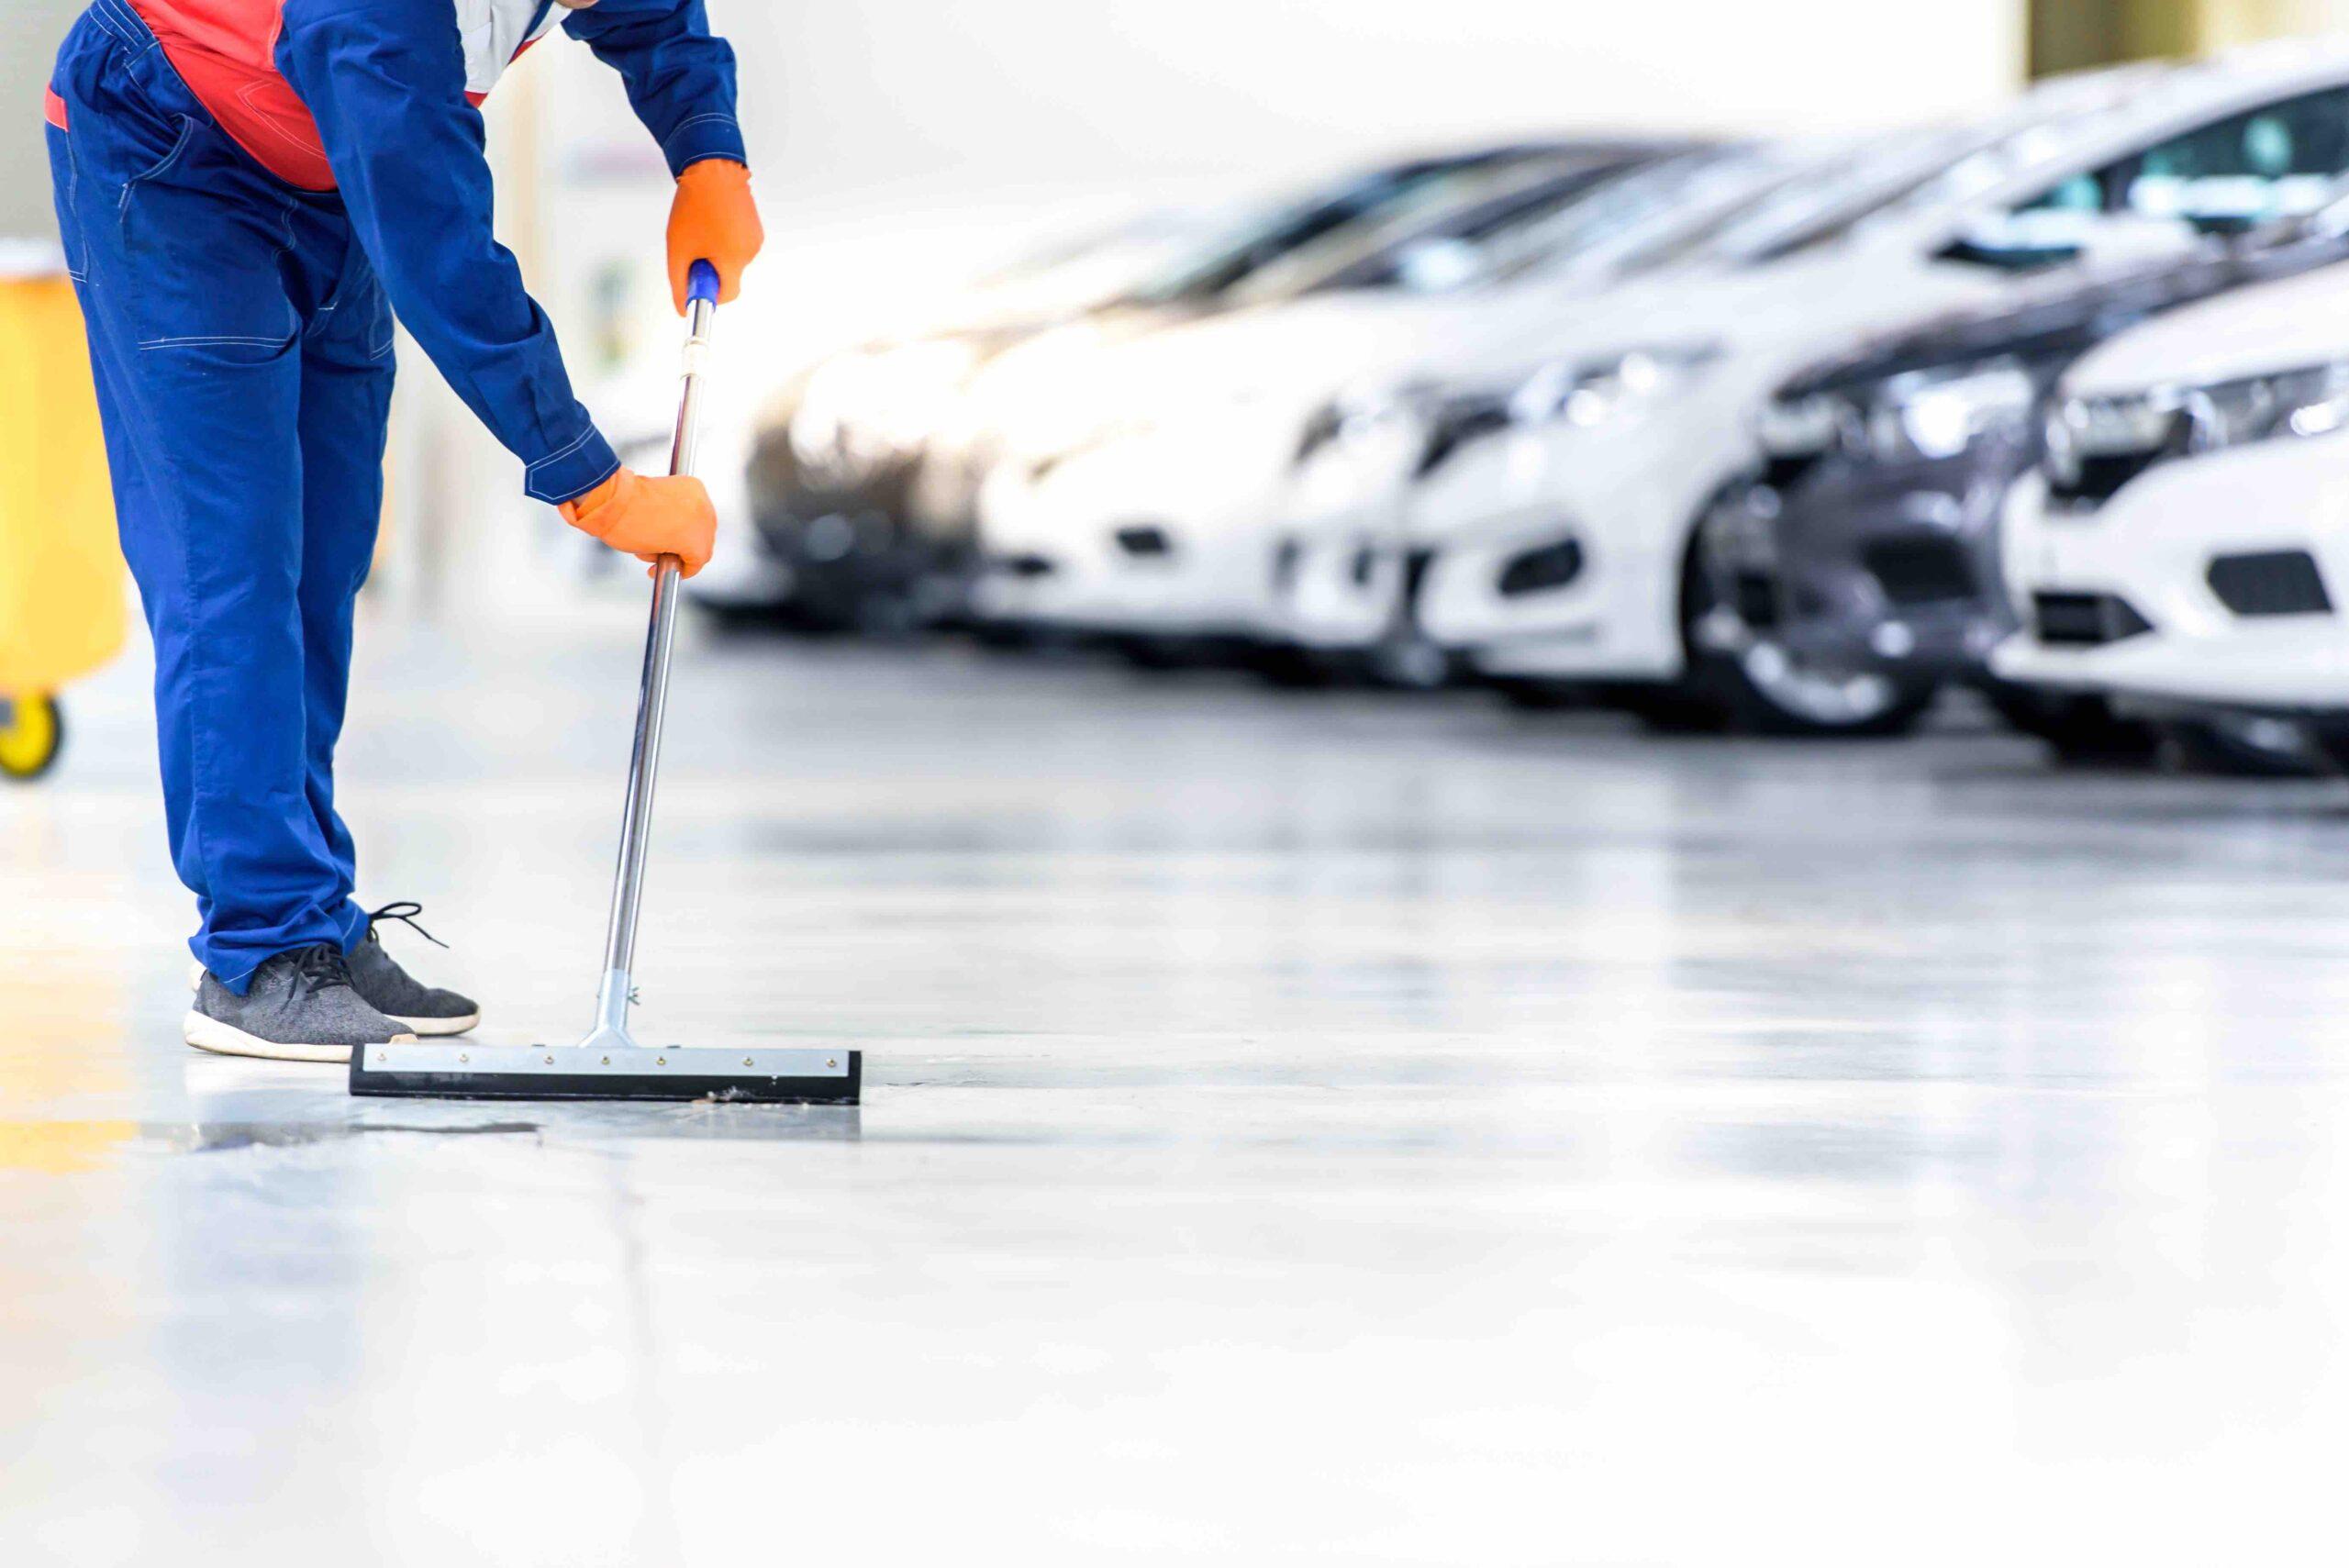 Rengøringsassistent vasker gulv hos en bilforhandler. Rengøringskoncept for butikker.